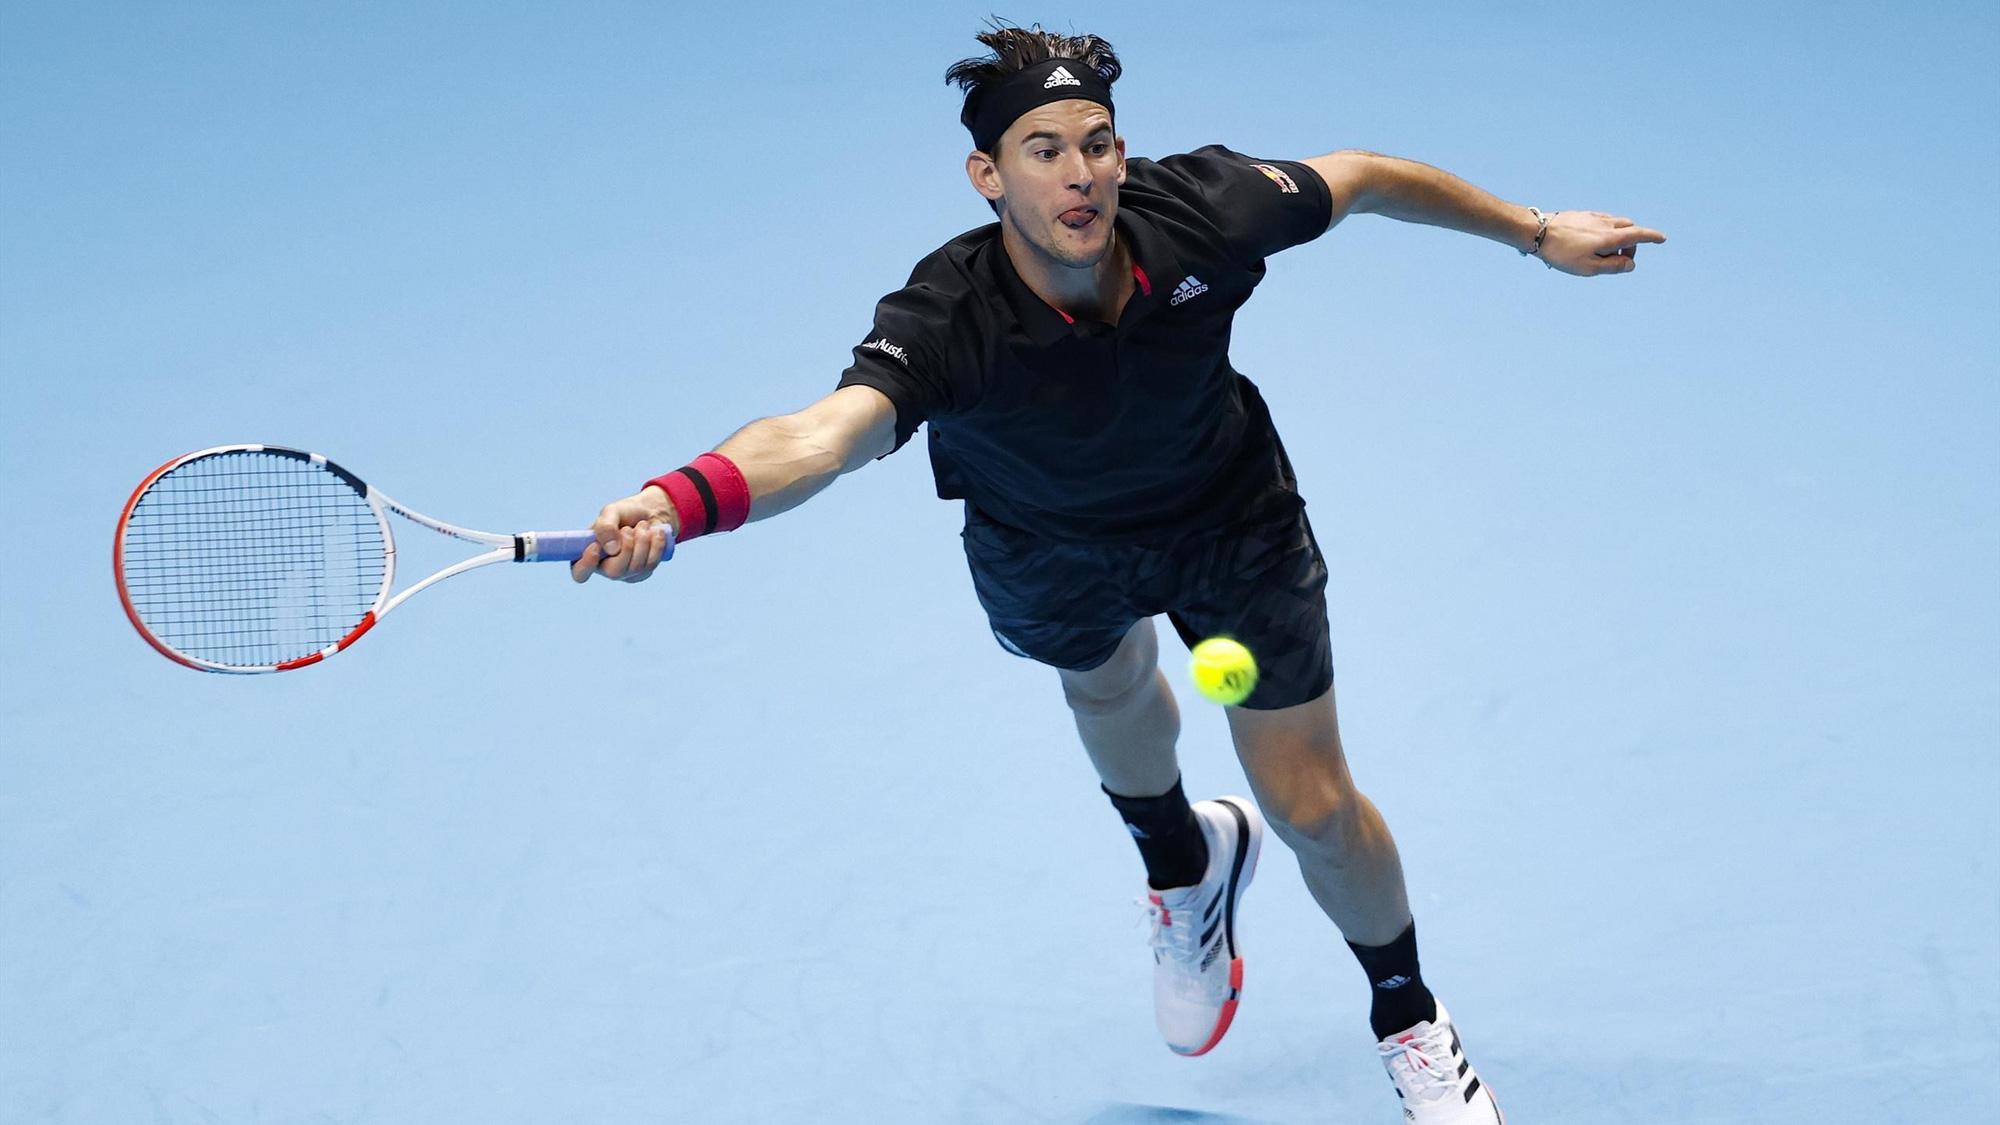 Thua ngược cay đắng, Nadal và Djokovic dắt tay rời ATP Finals - Ảnh 13.